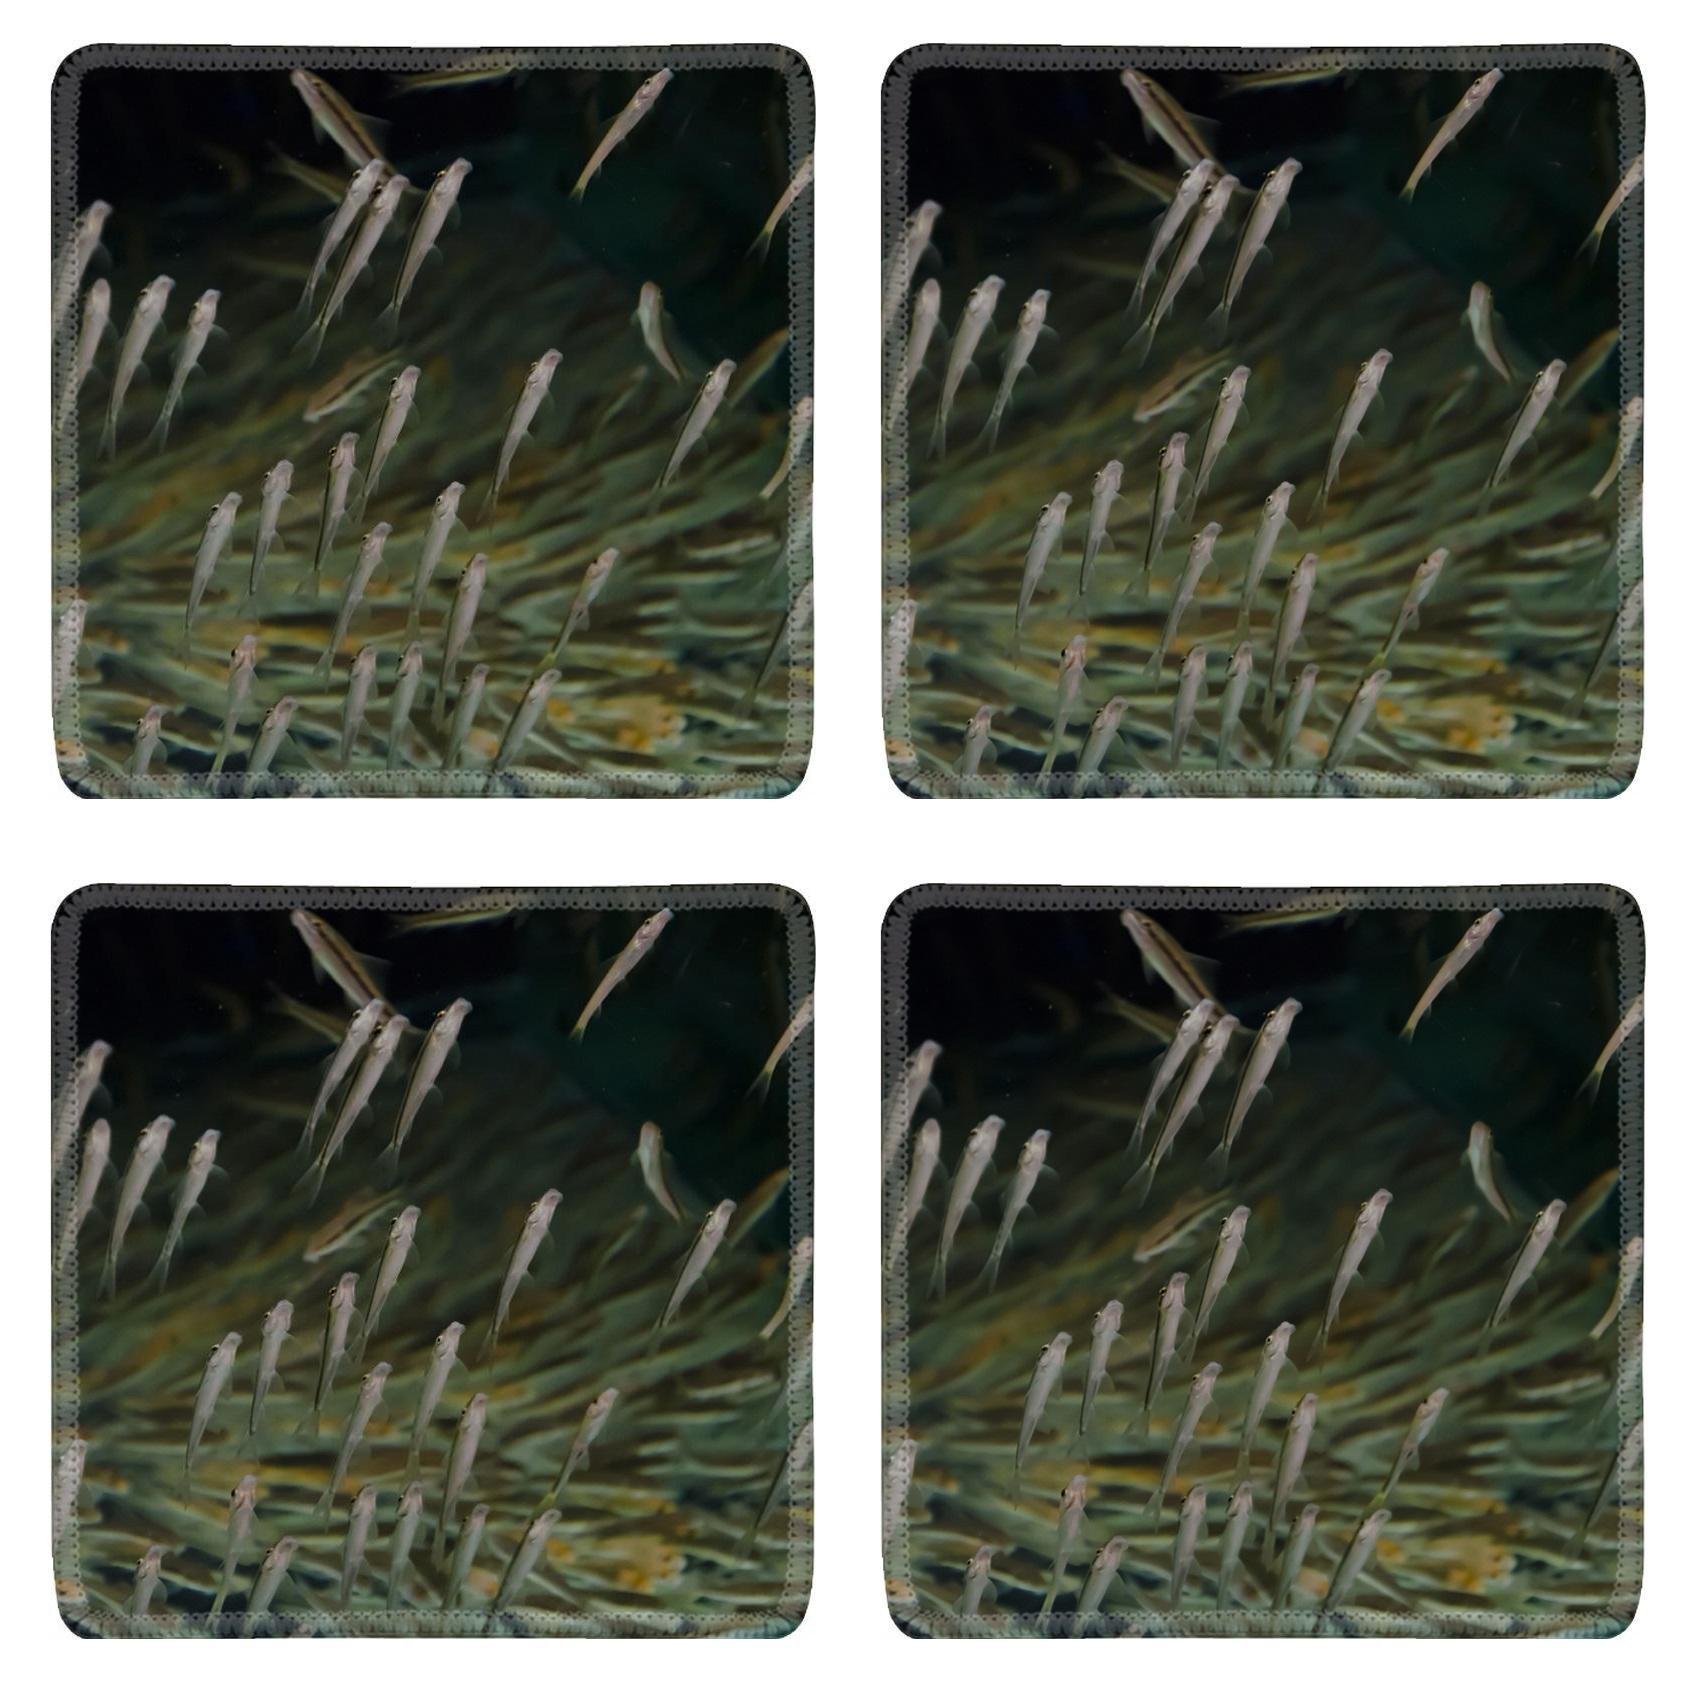 MSD Square Coasters Non-Slip Natural Rubber Desk Coasters design 20439007 aquarium fish spa in Thailand